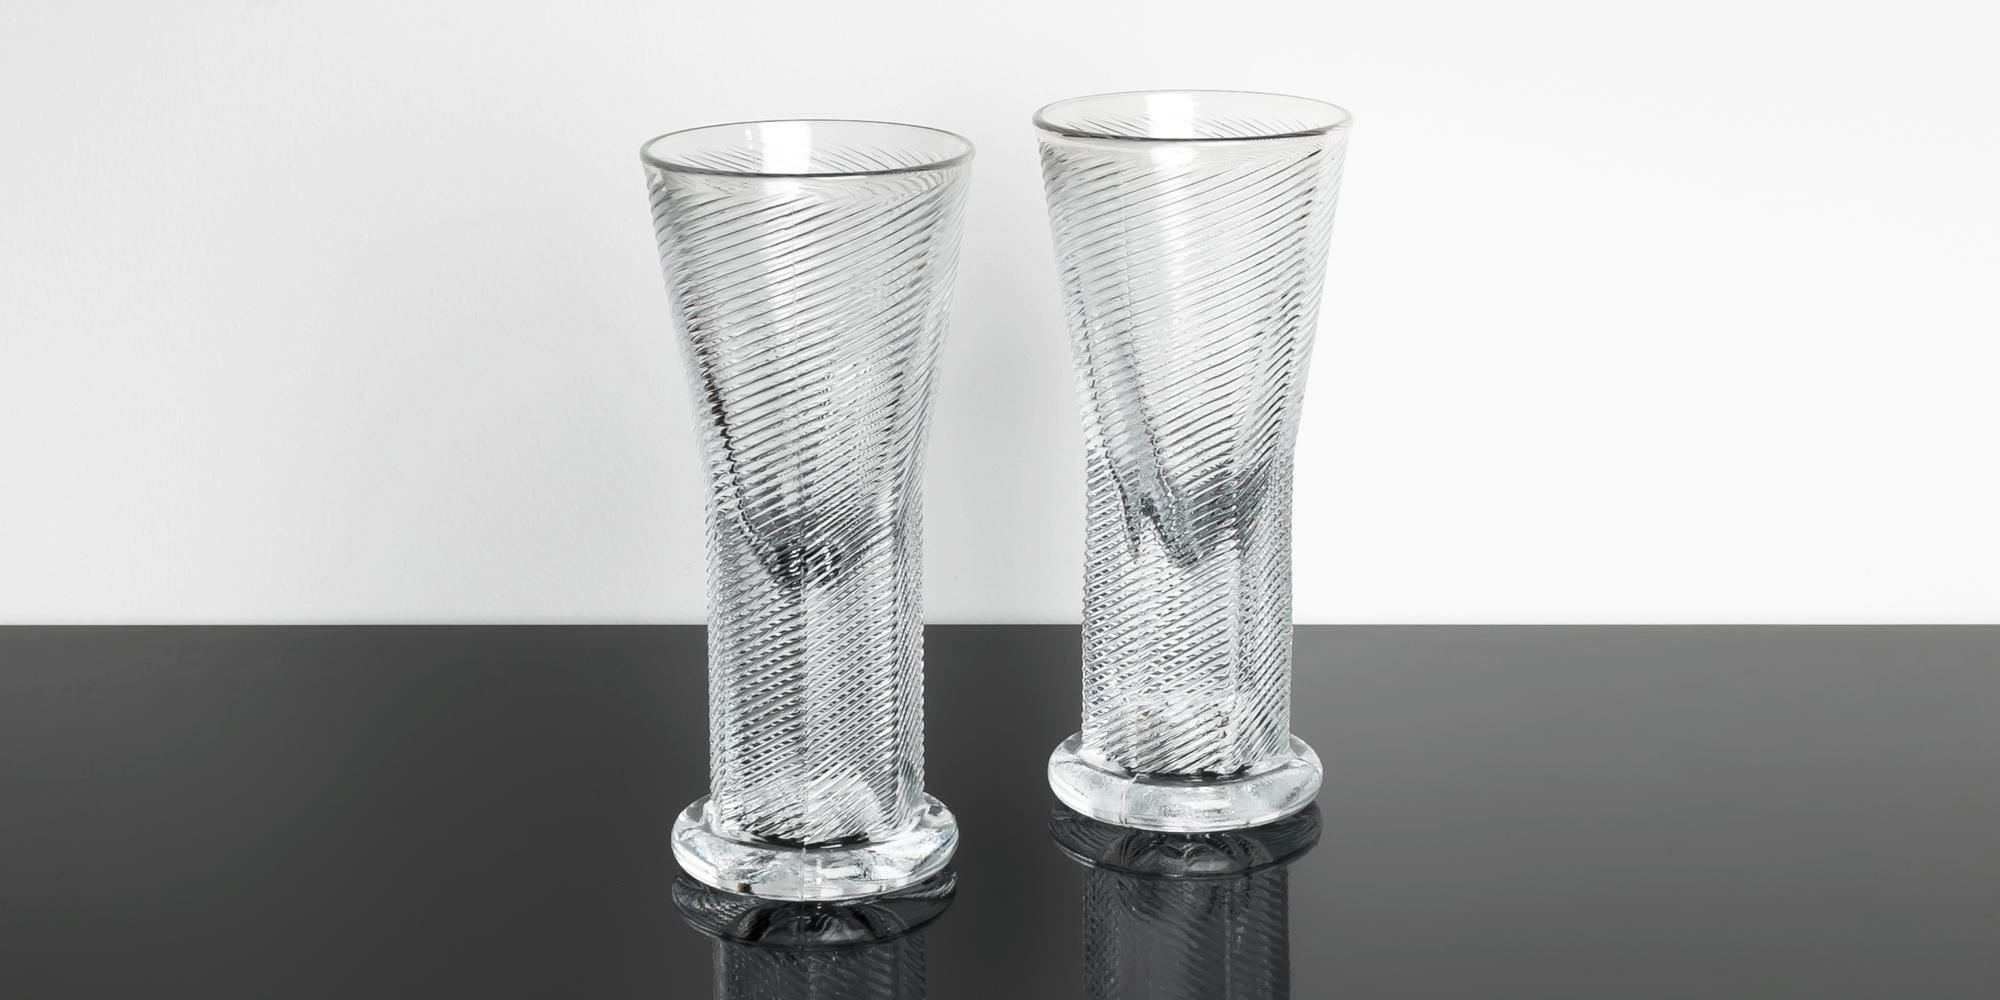 kaj franck,カイ・フランク,nuutajarvi,nuutajärvi,DELFOI,ガラス工芸,北欧